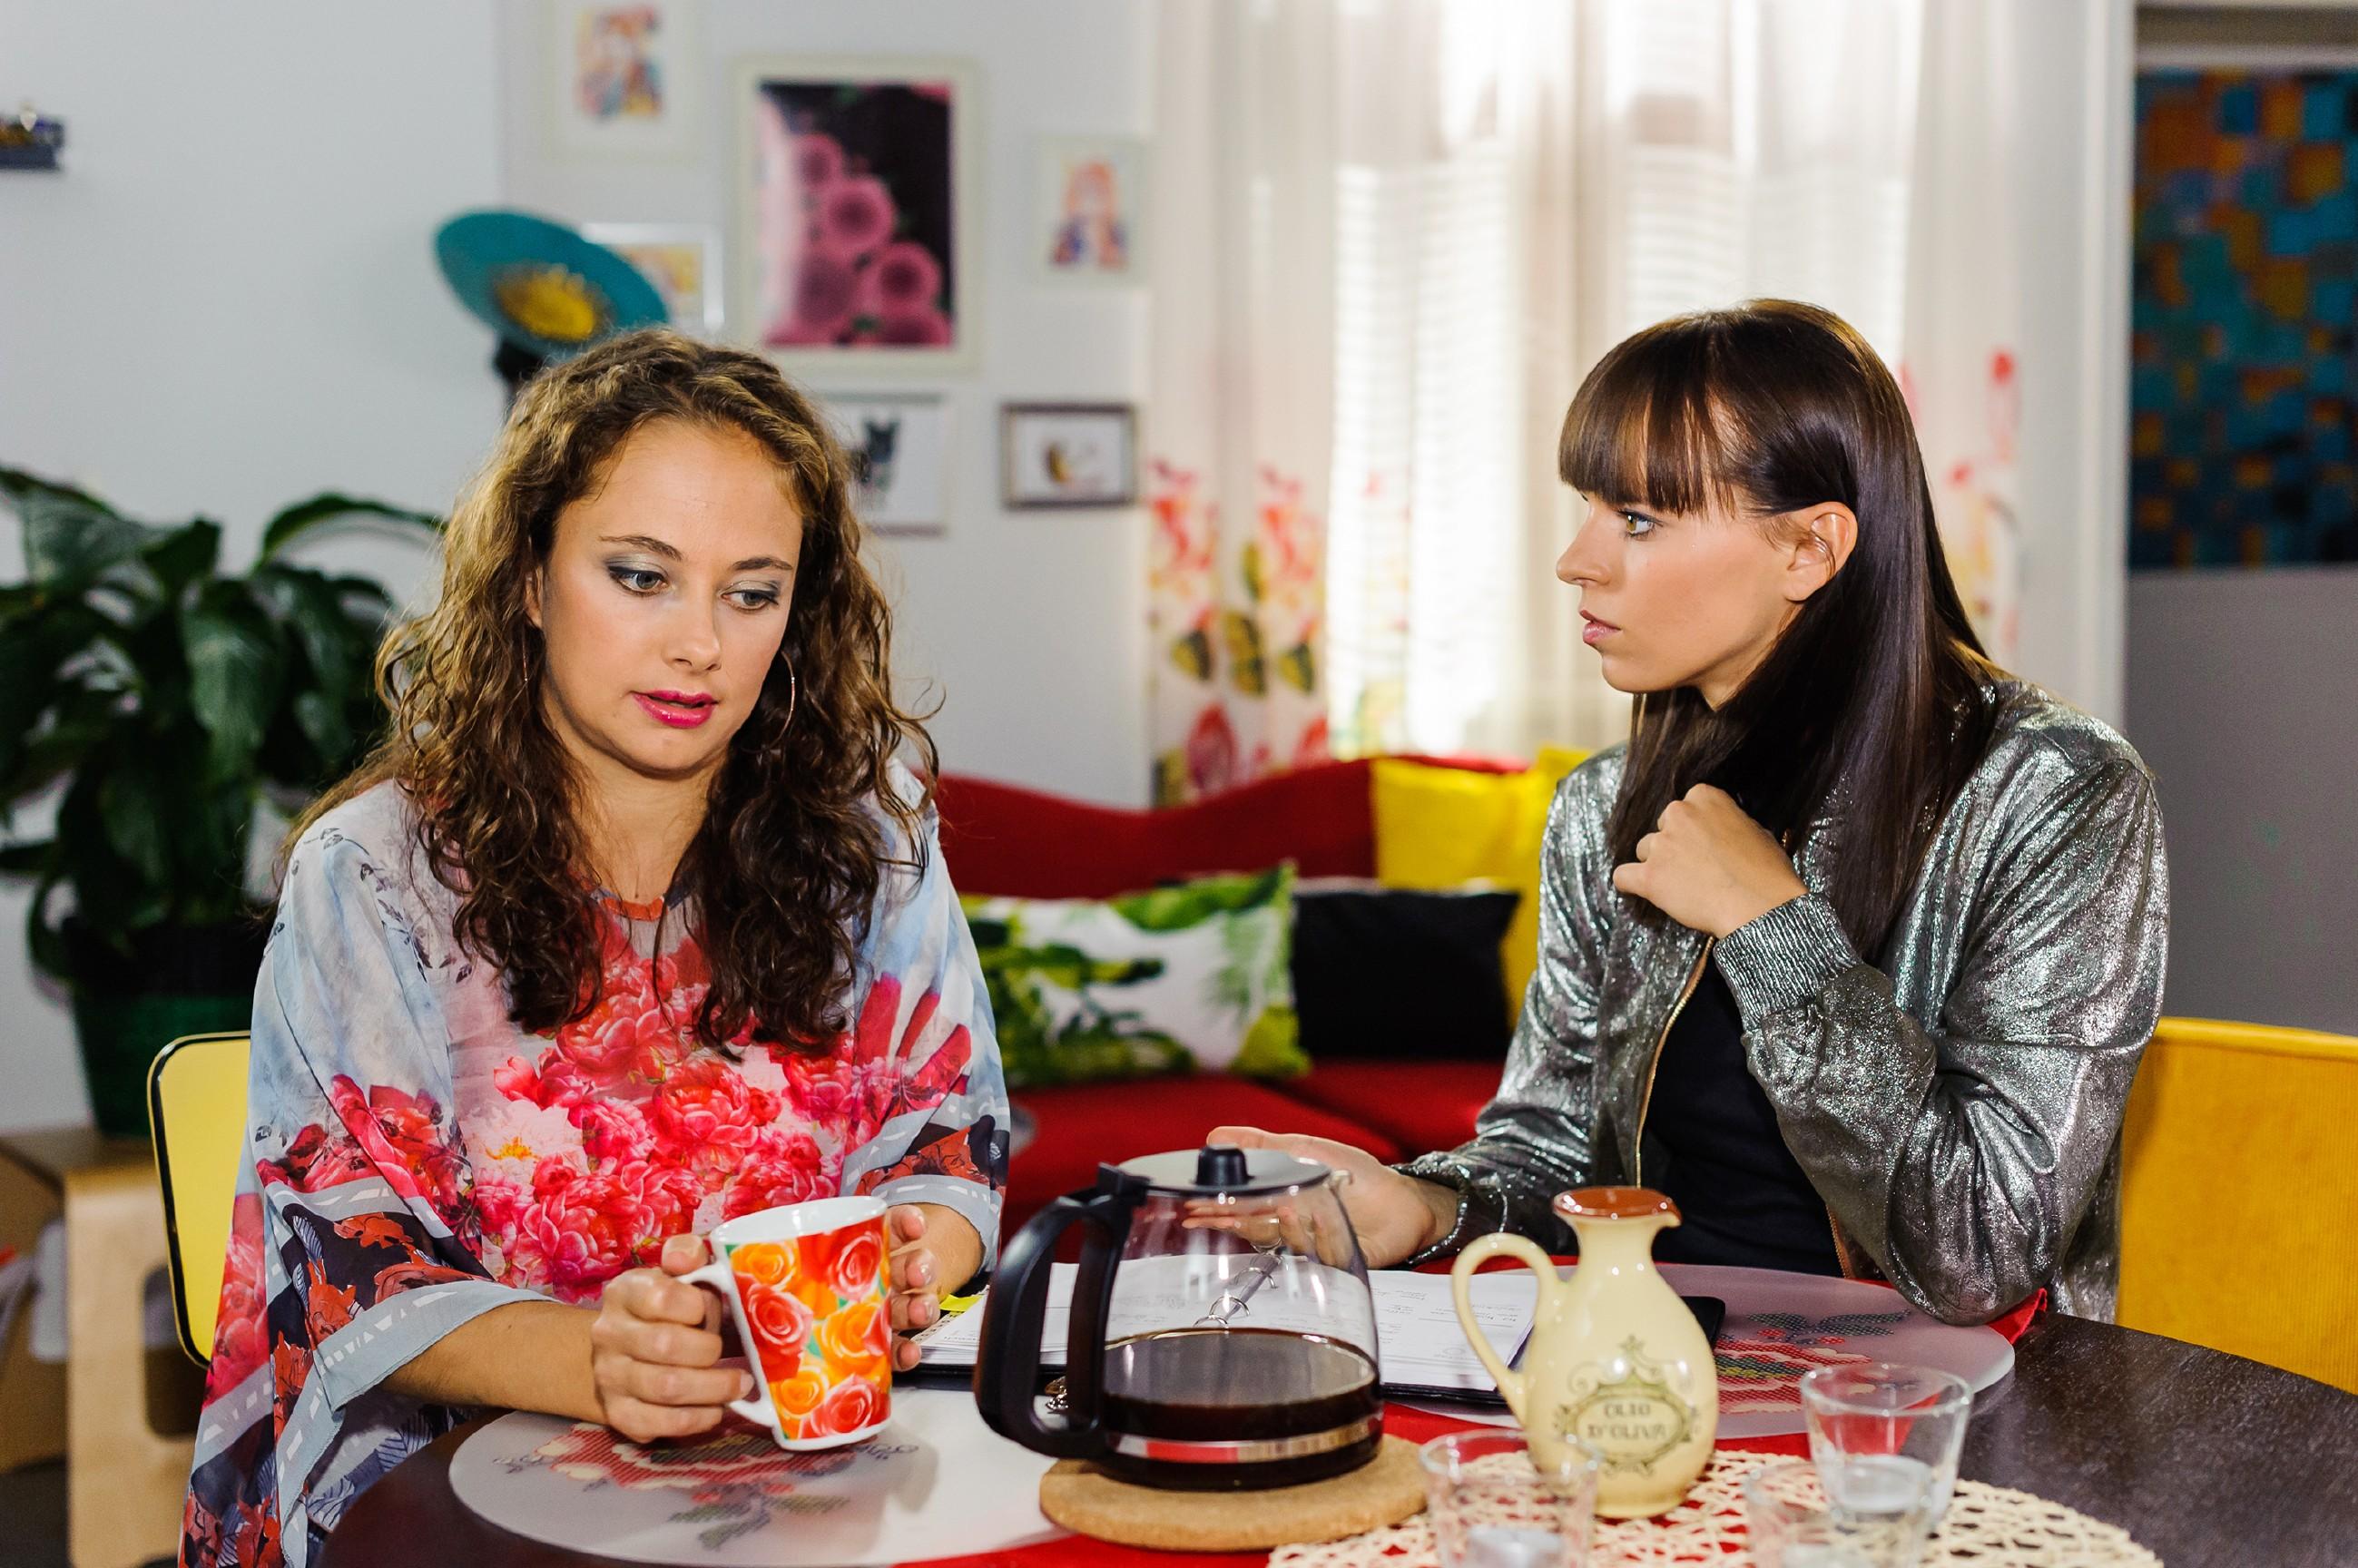 Carmen (Heike Warmuth, l.) erkennt, dass Michelle (Franziska Benz, r.) einfach nicht glauben will, dass Vincent ein falsches Spiel mit ihr treibt. (Quelle: RTL / Julia Feldhagen)